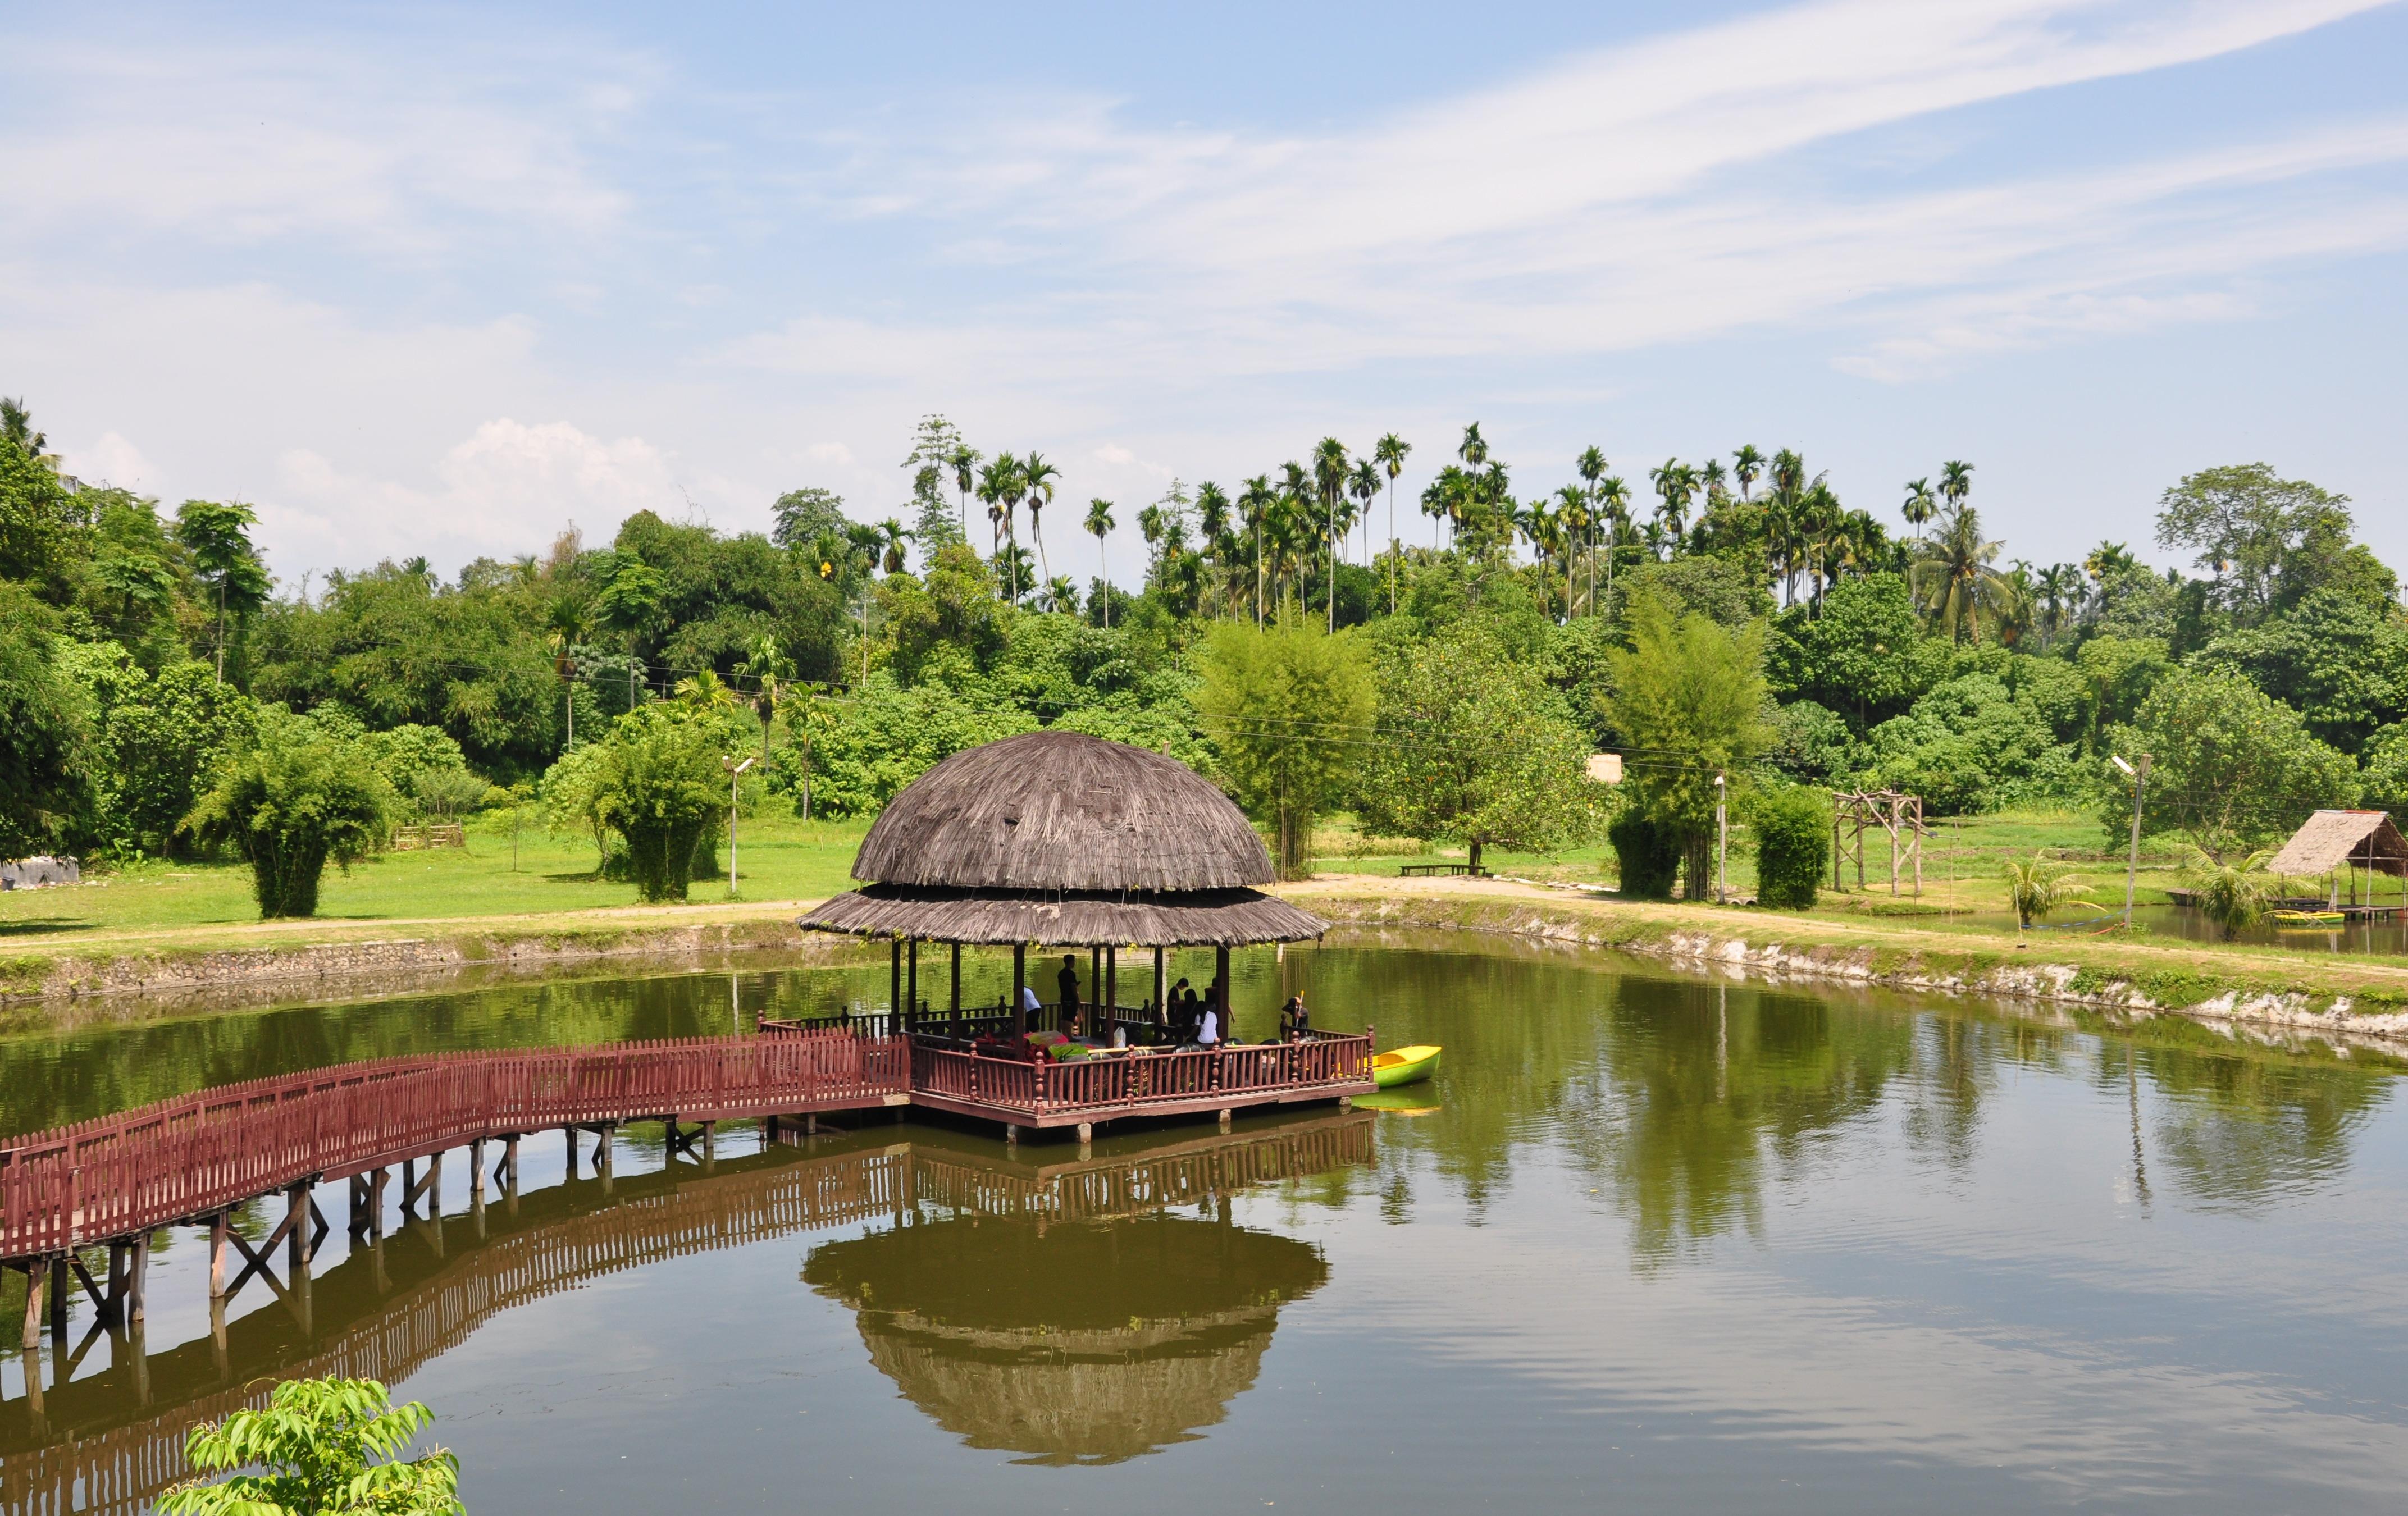 Kampung Ladang Fandryjalanjalan